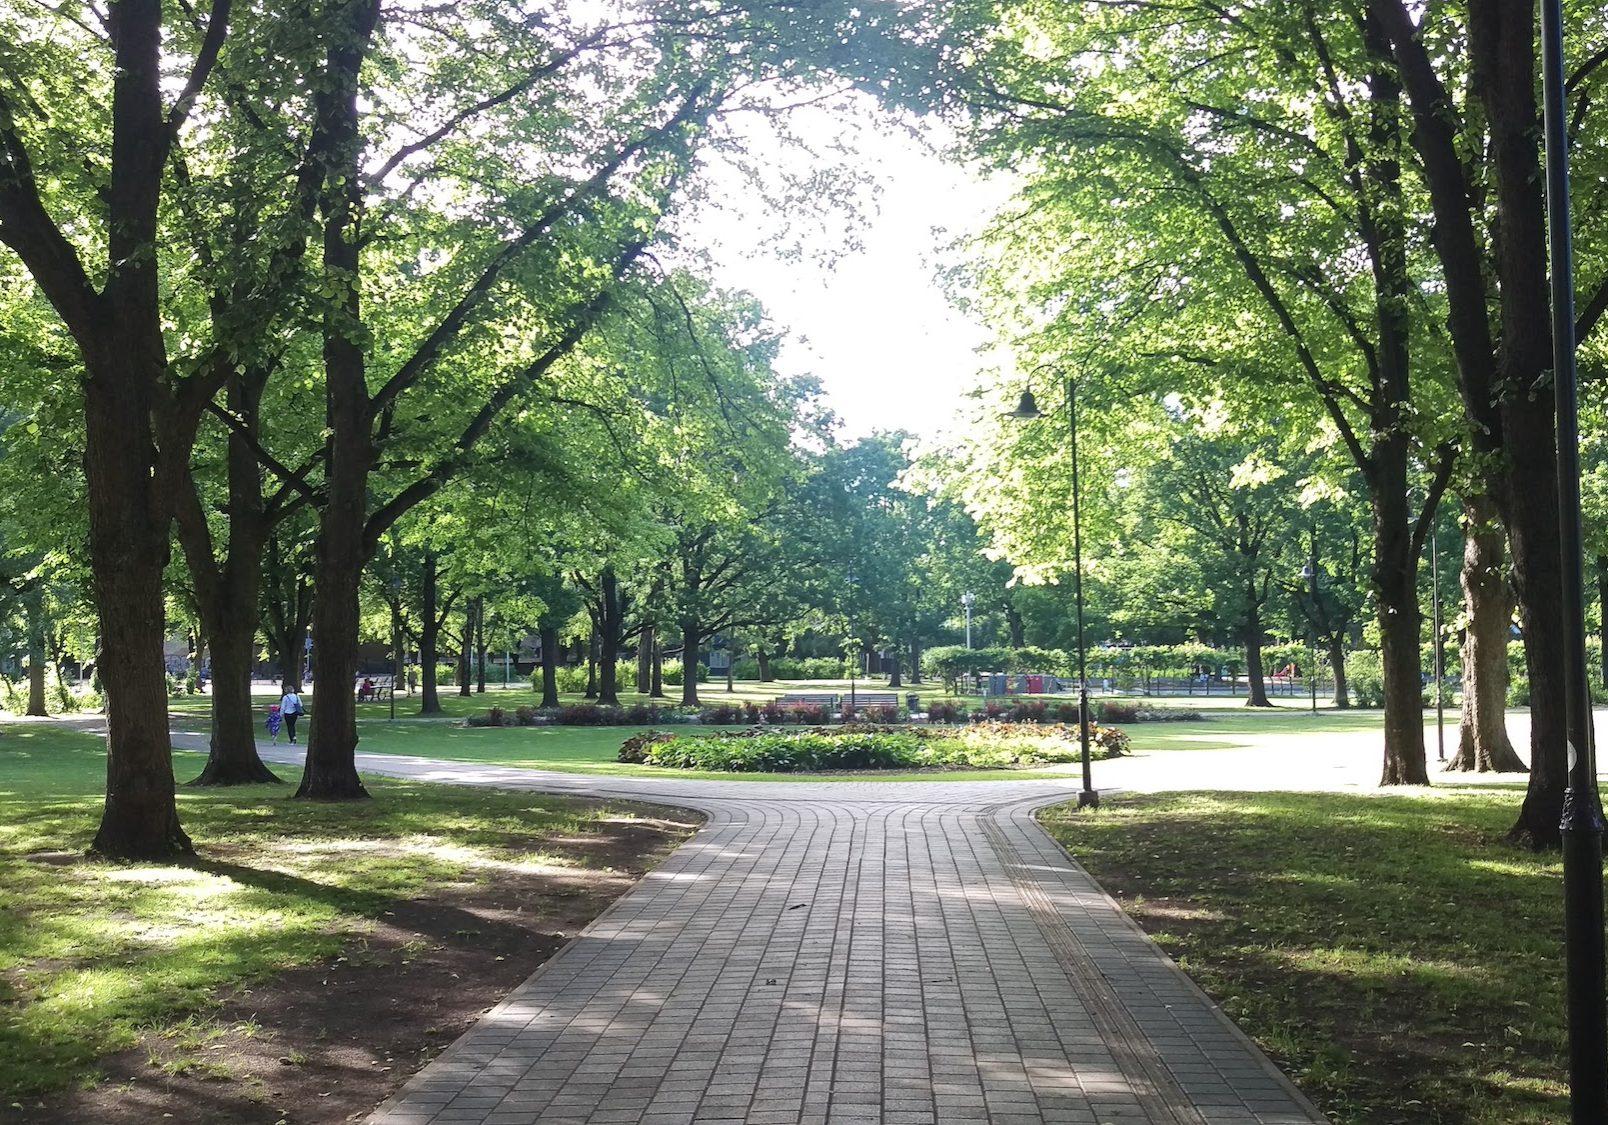 Ziedoņdārzs garden park is a great place for running